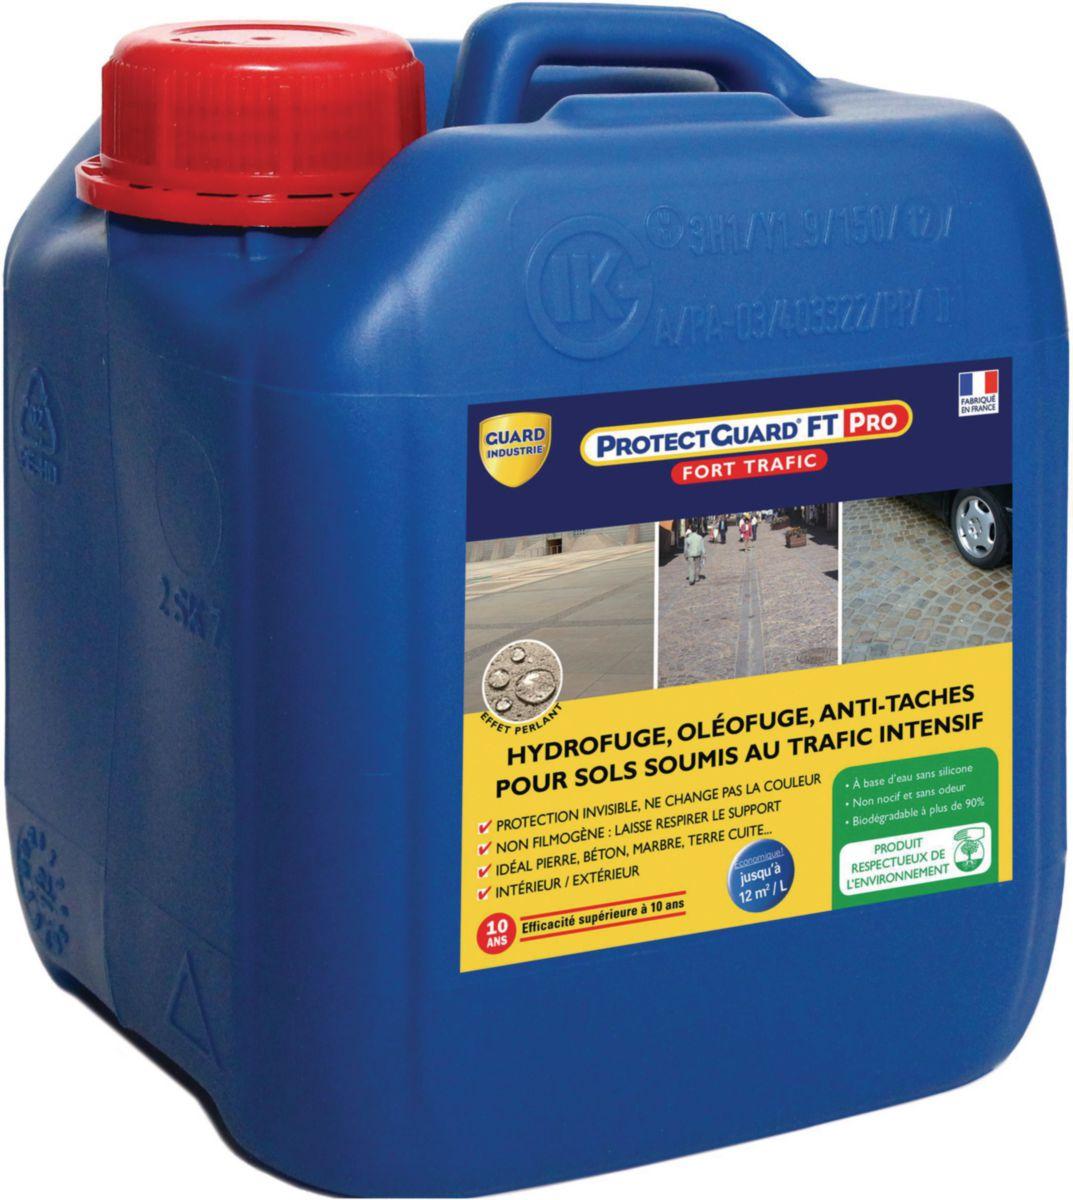 Protection Pour Matériaux Poreux Protecguard Pro   Bidon De 2 L   GUARD  INDUSTRIE   Décoration Extérieure   Distributeur De Matériaux De  Construction ...